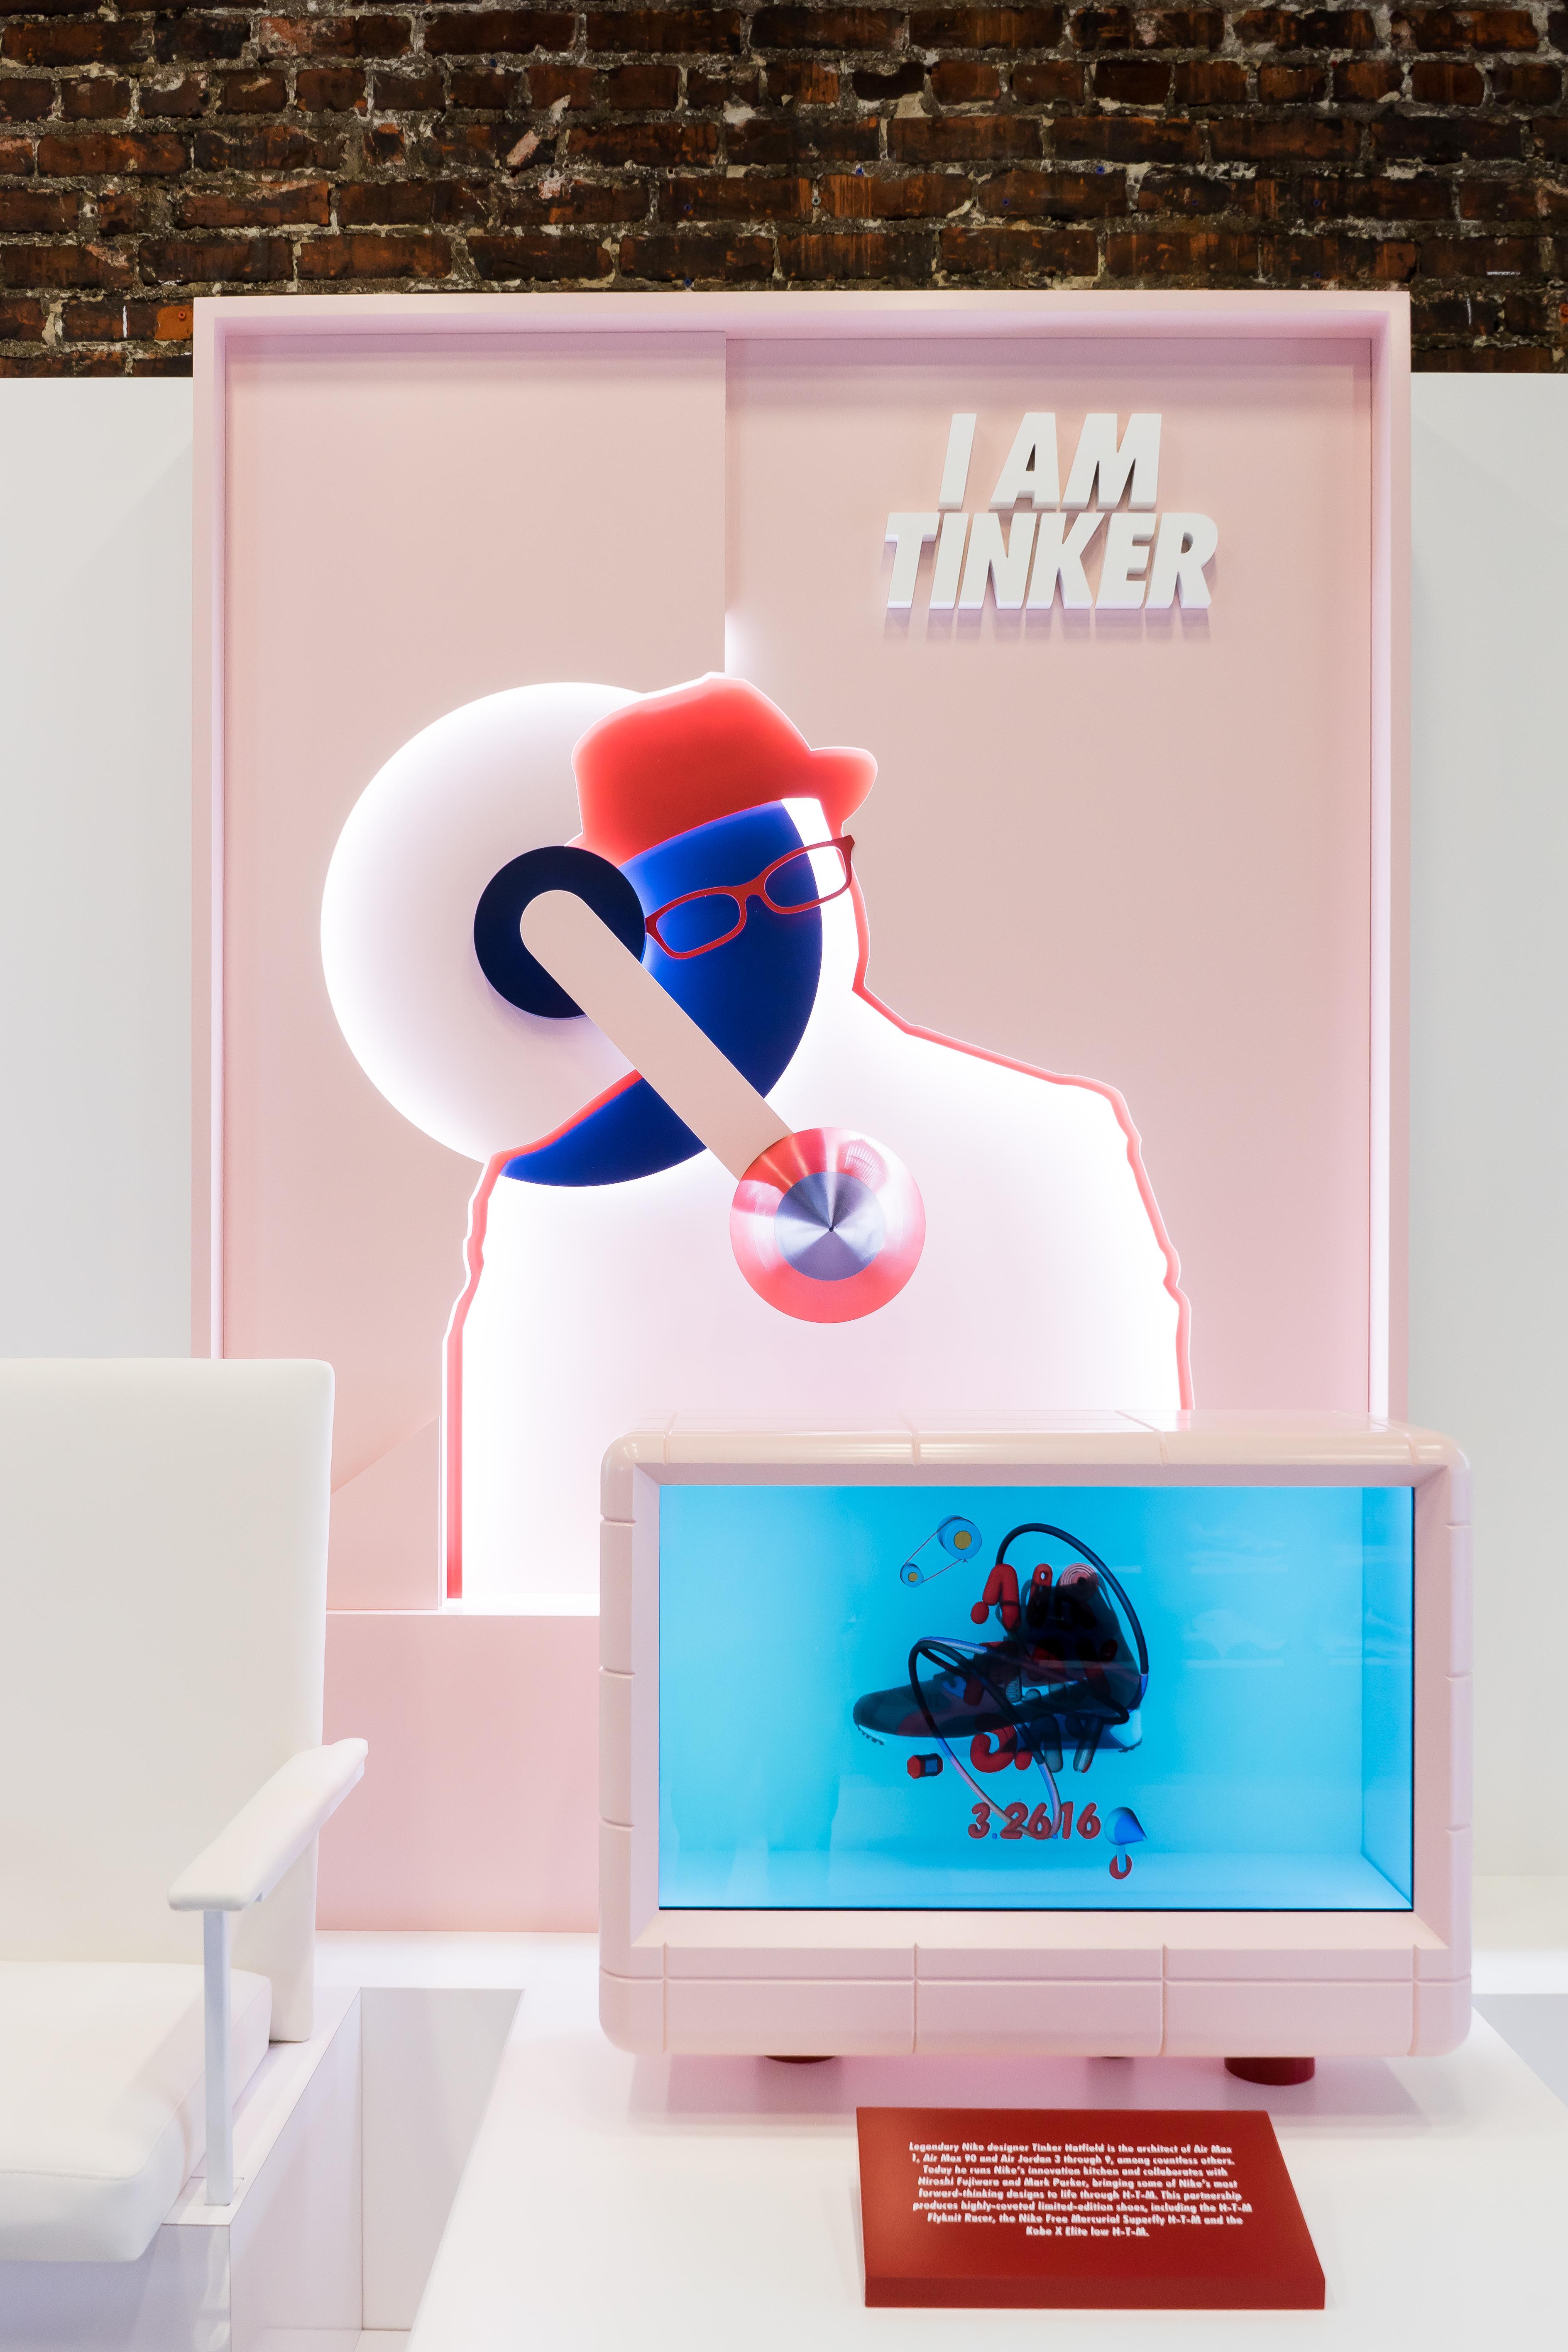 Nike s New Air Max Pop Up on La Brea Is Sneakerhead Heaven Racked LA